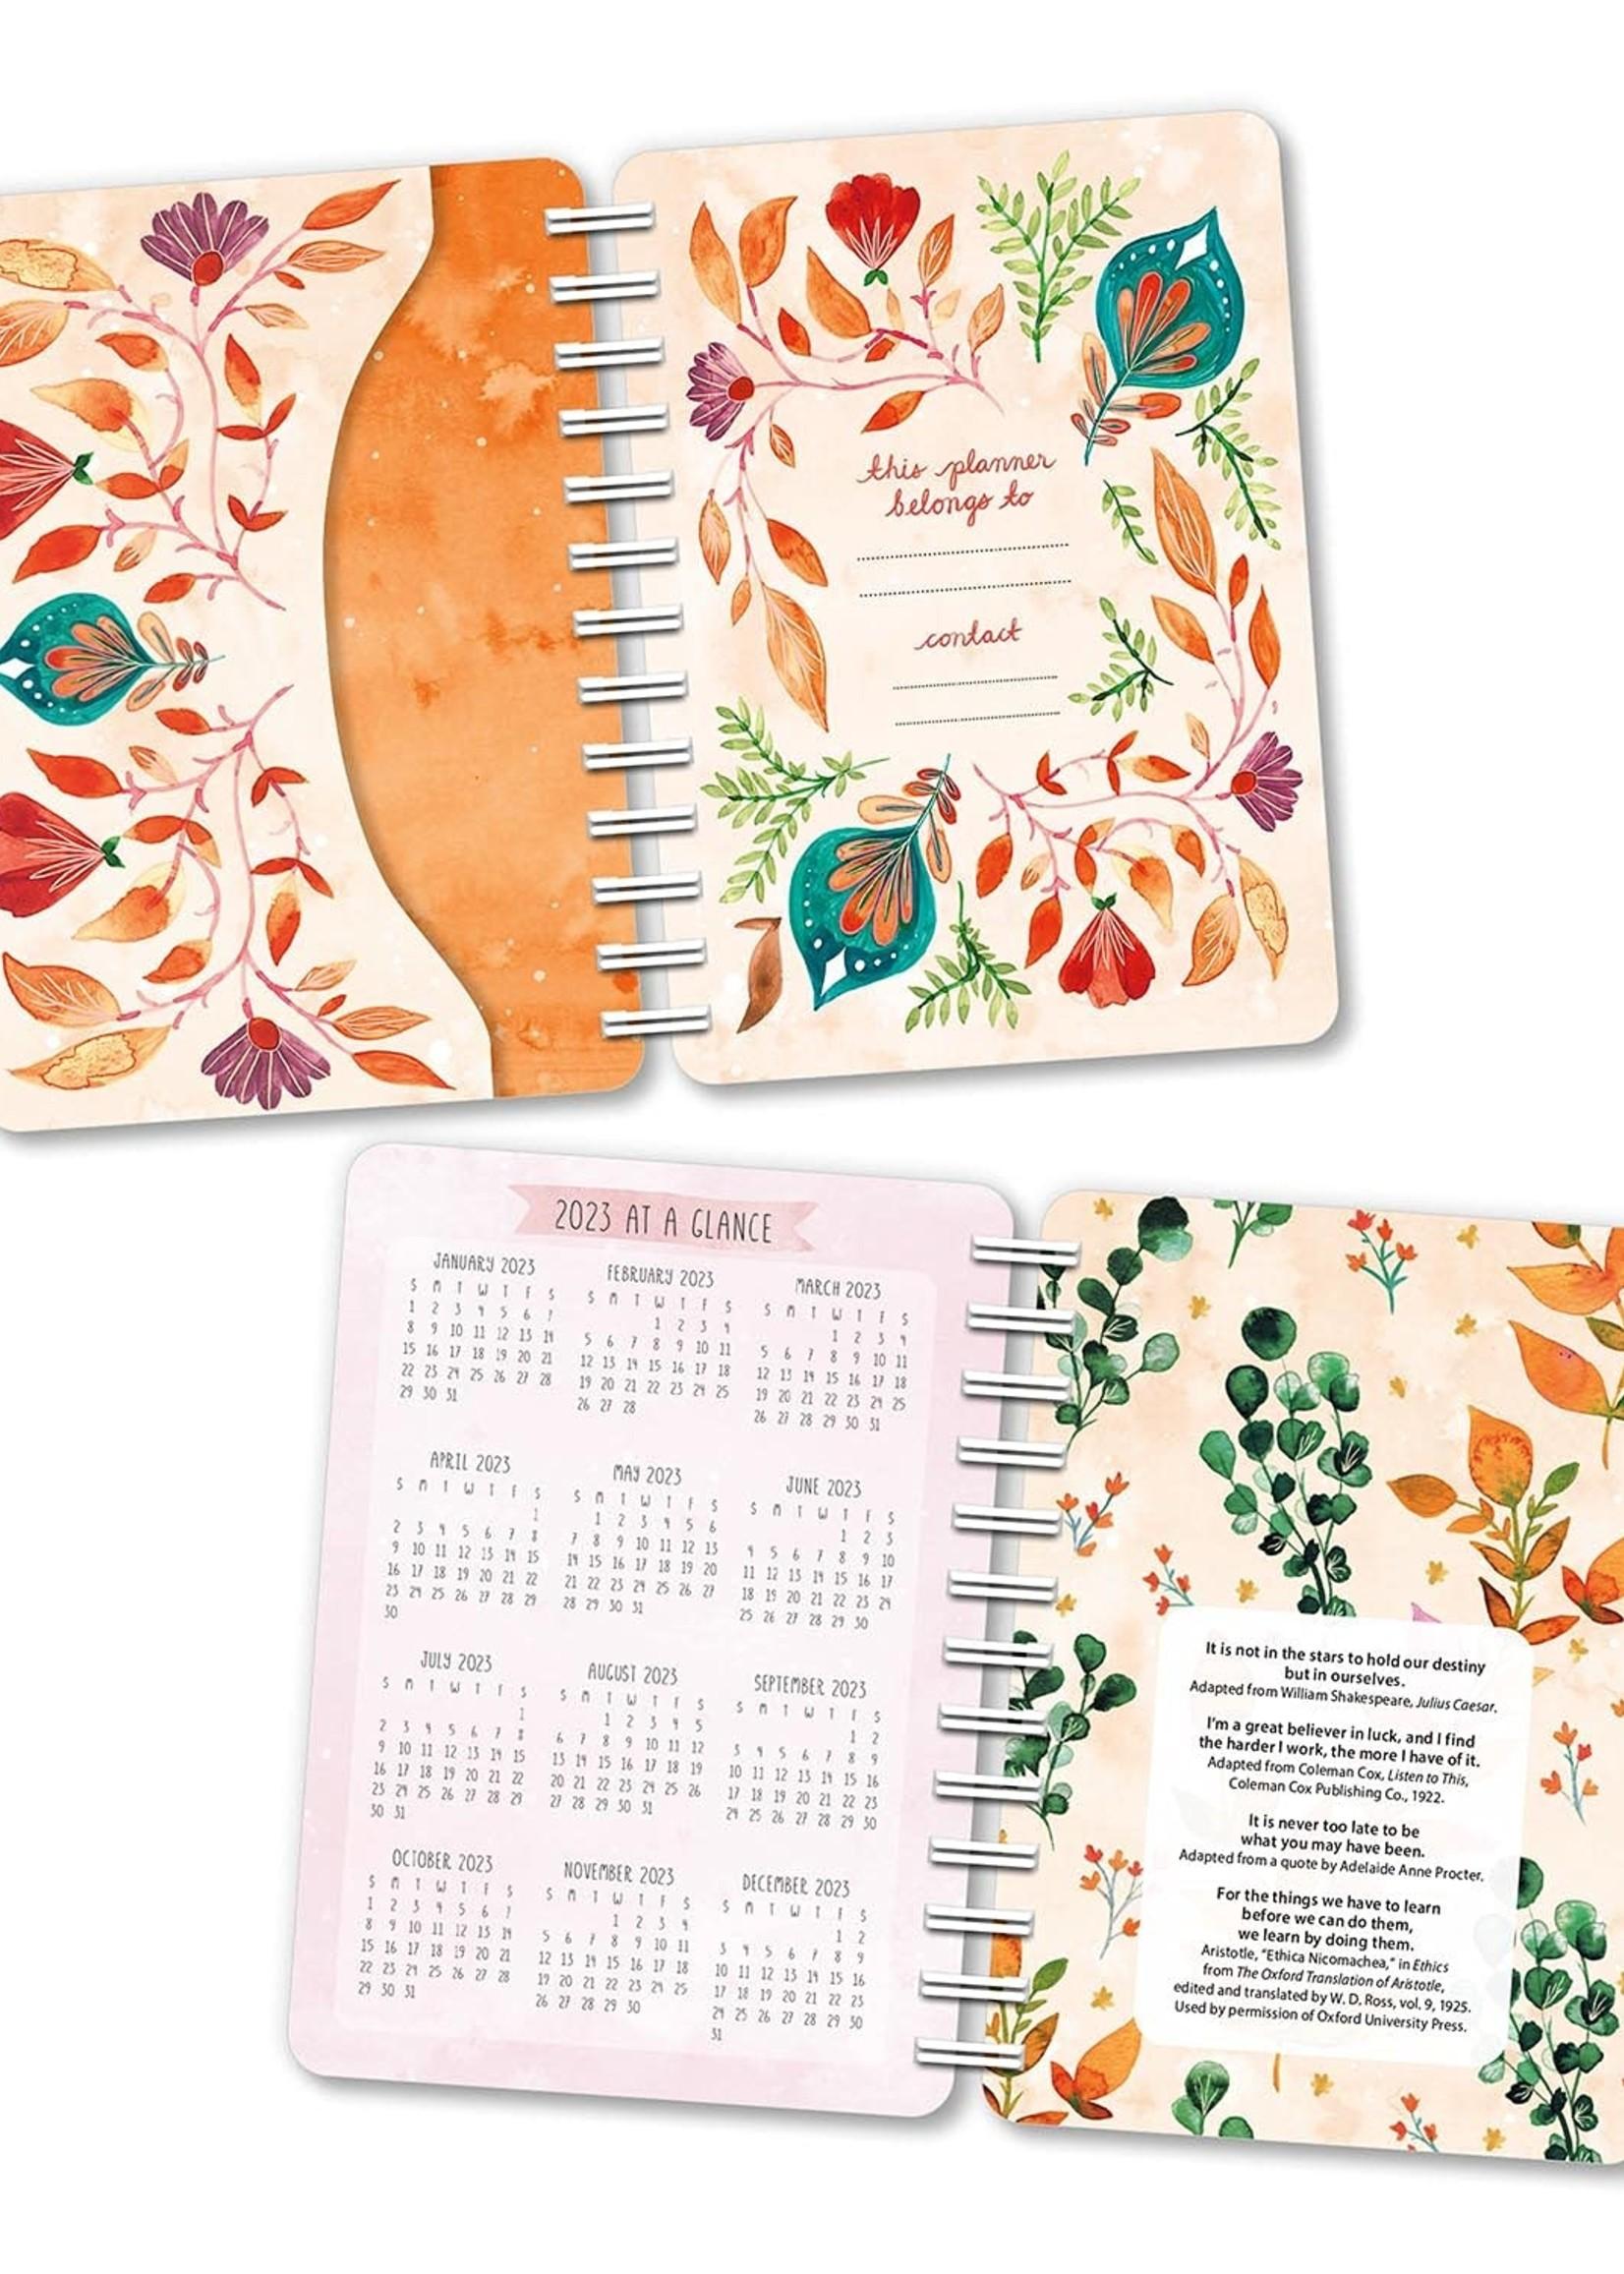 Cal 22 Weekly Planner Meera Lee Patel